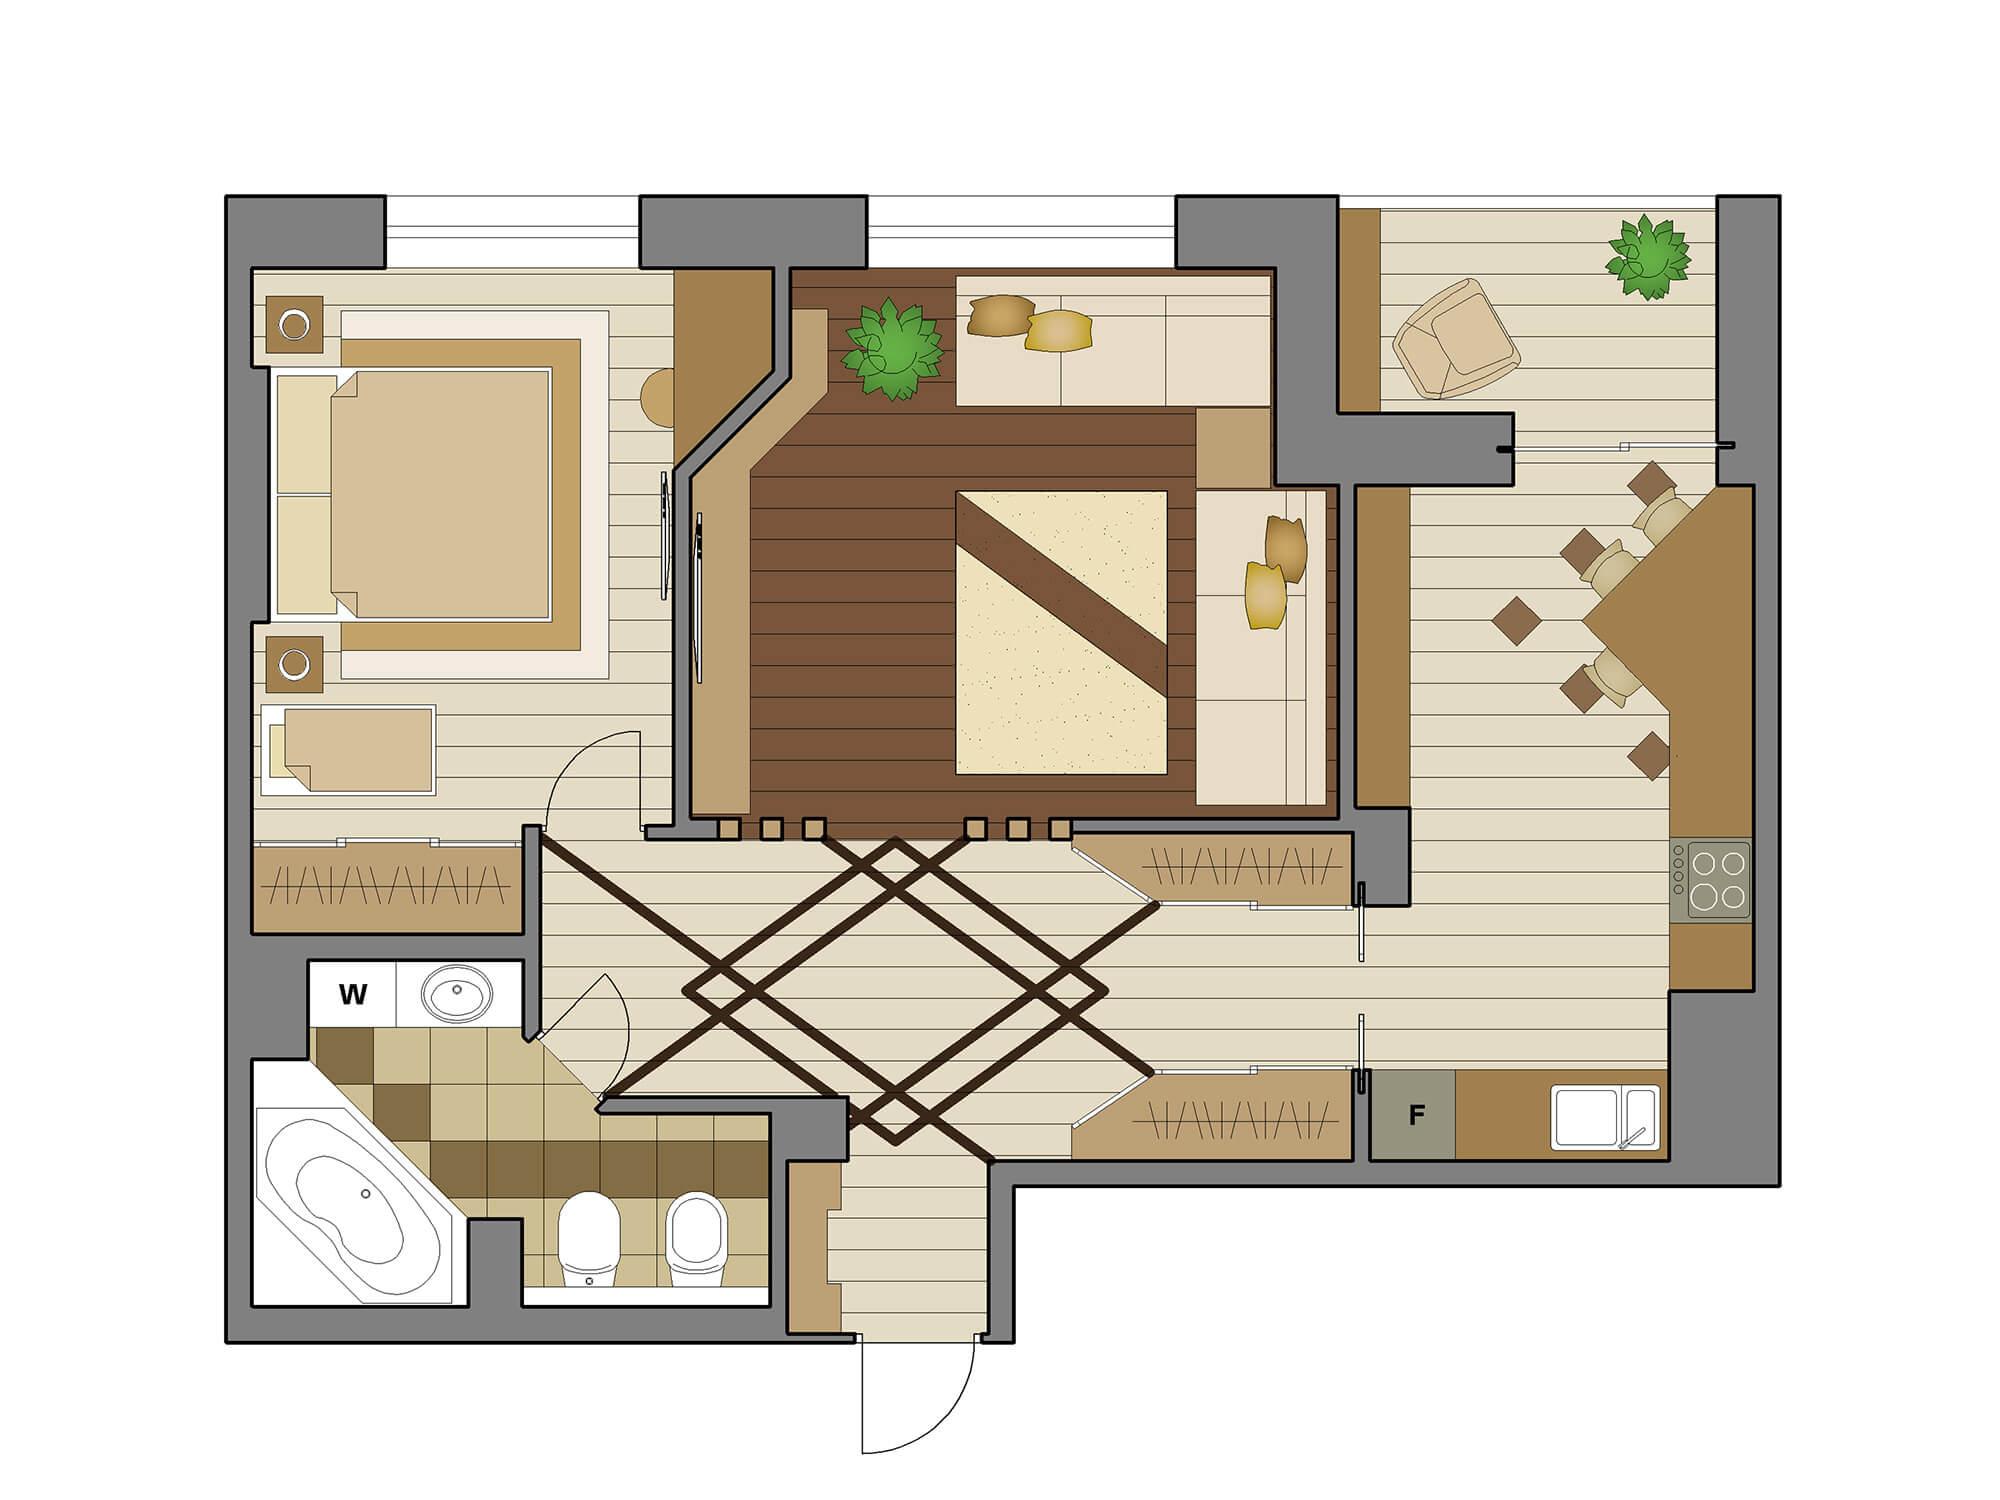 дизайн 3-х комнатной квартиры с детьми